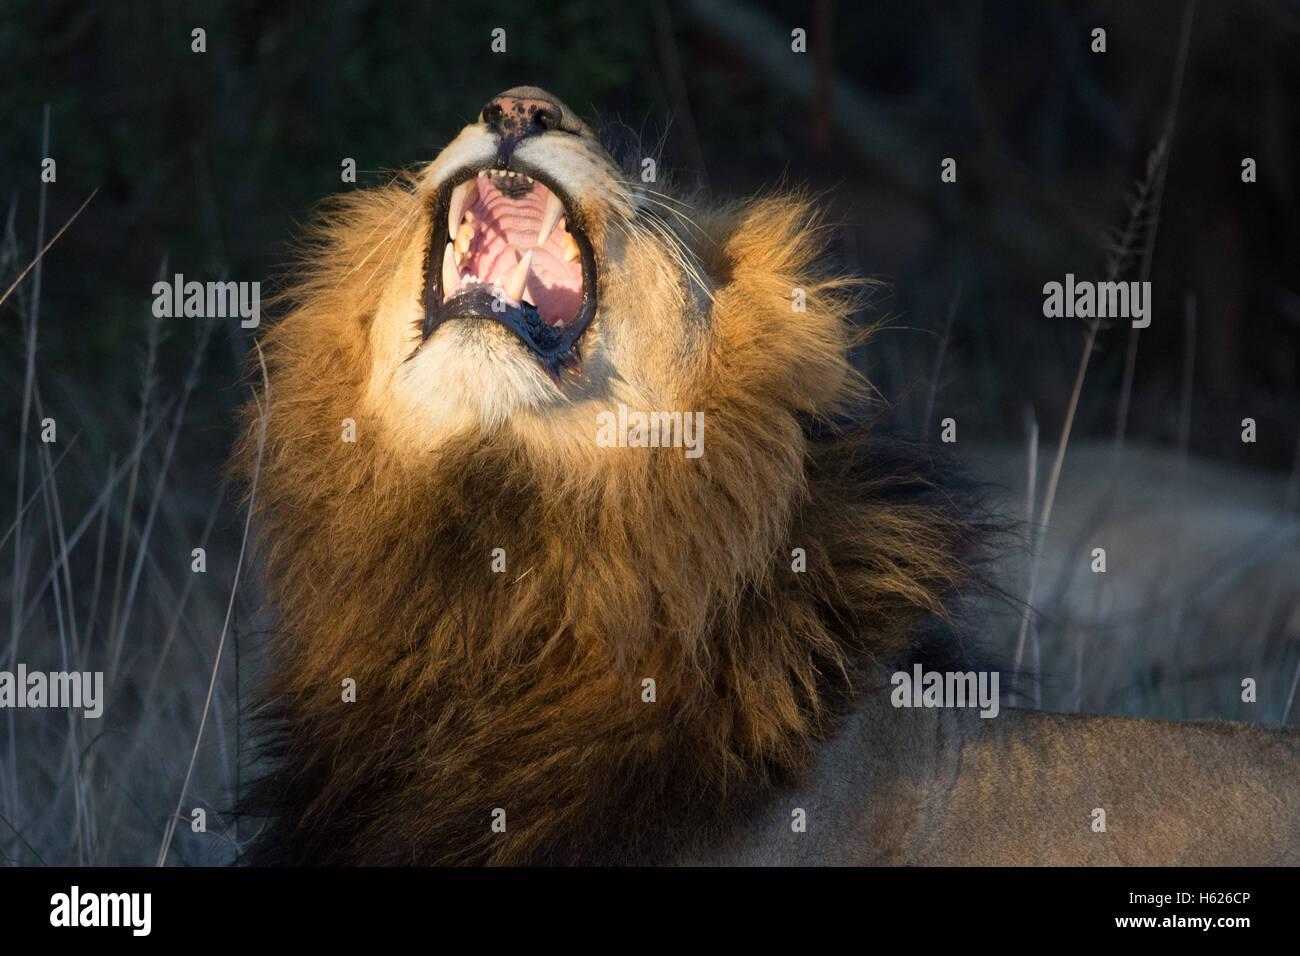 Big Yawn of Lion - Stock Image